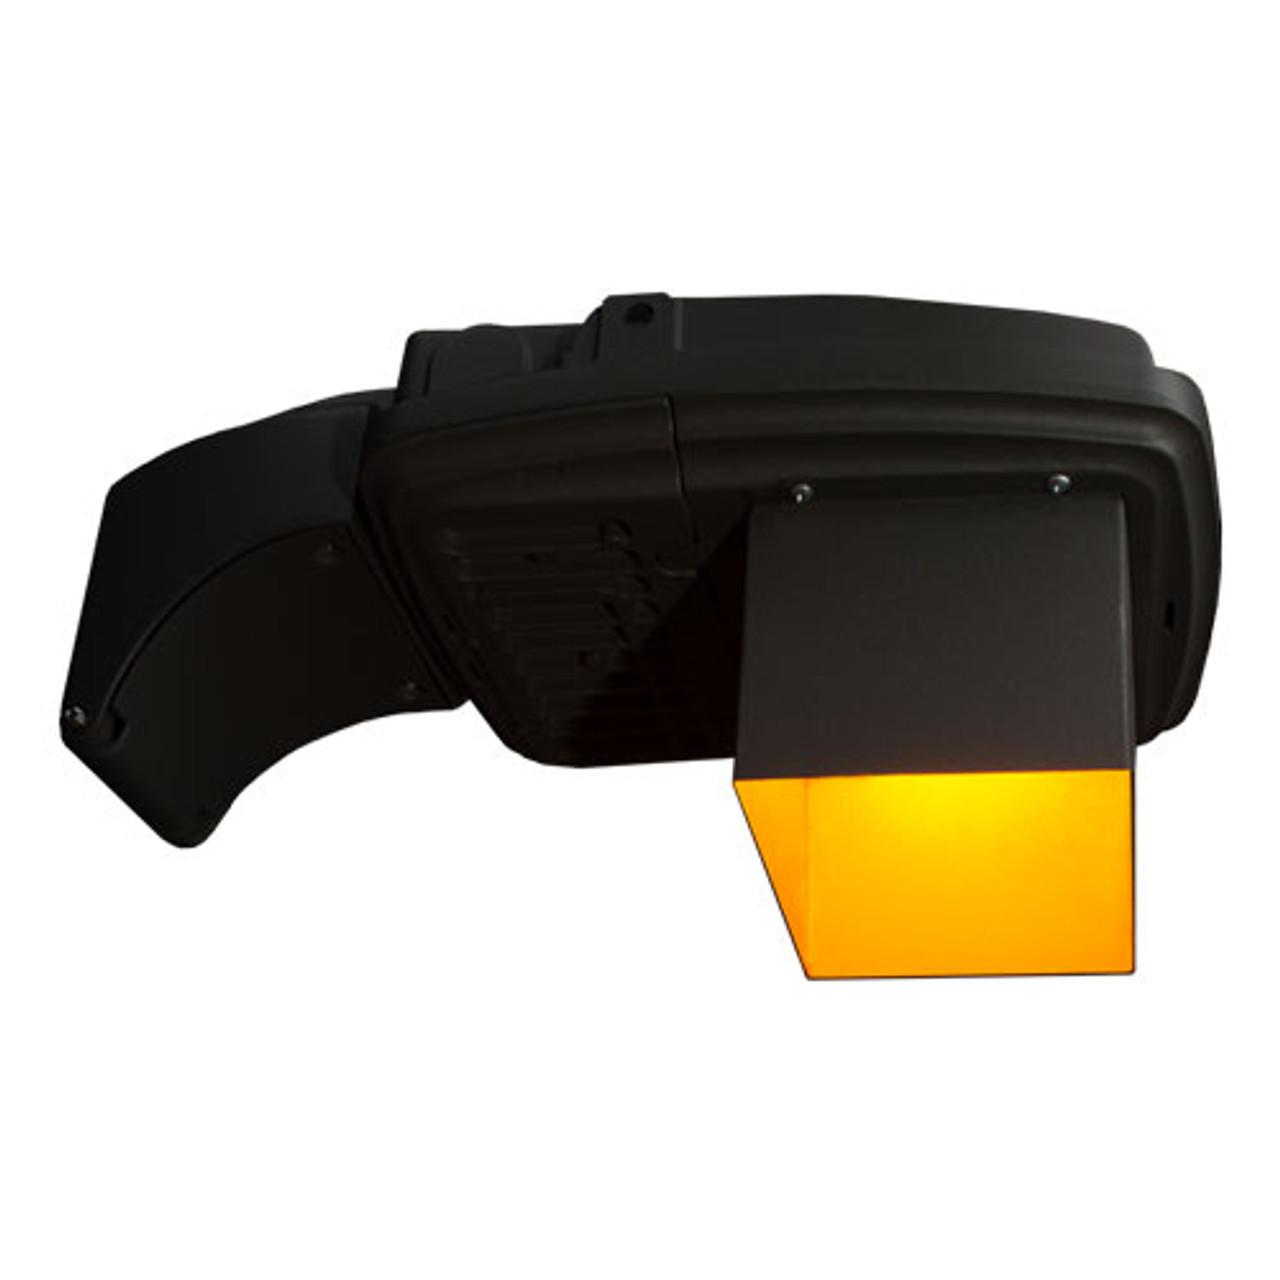 AmberLED 22 Watt LED Mini Area Wildlife Friendly